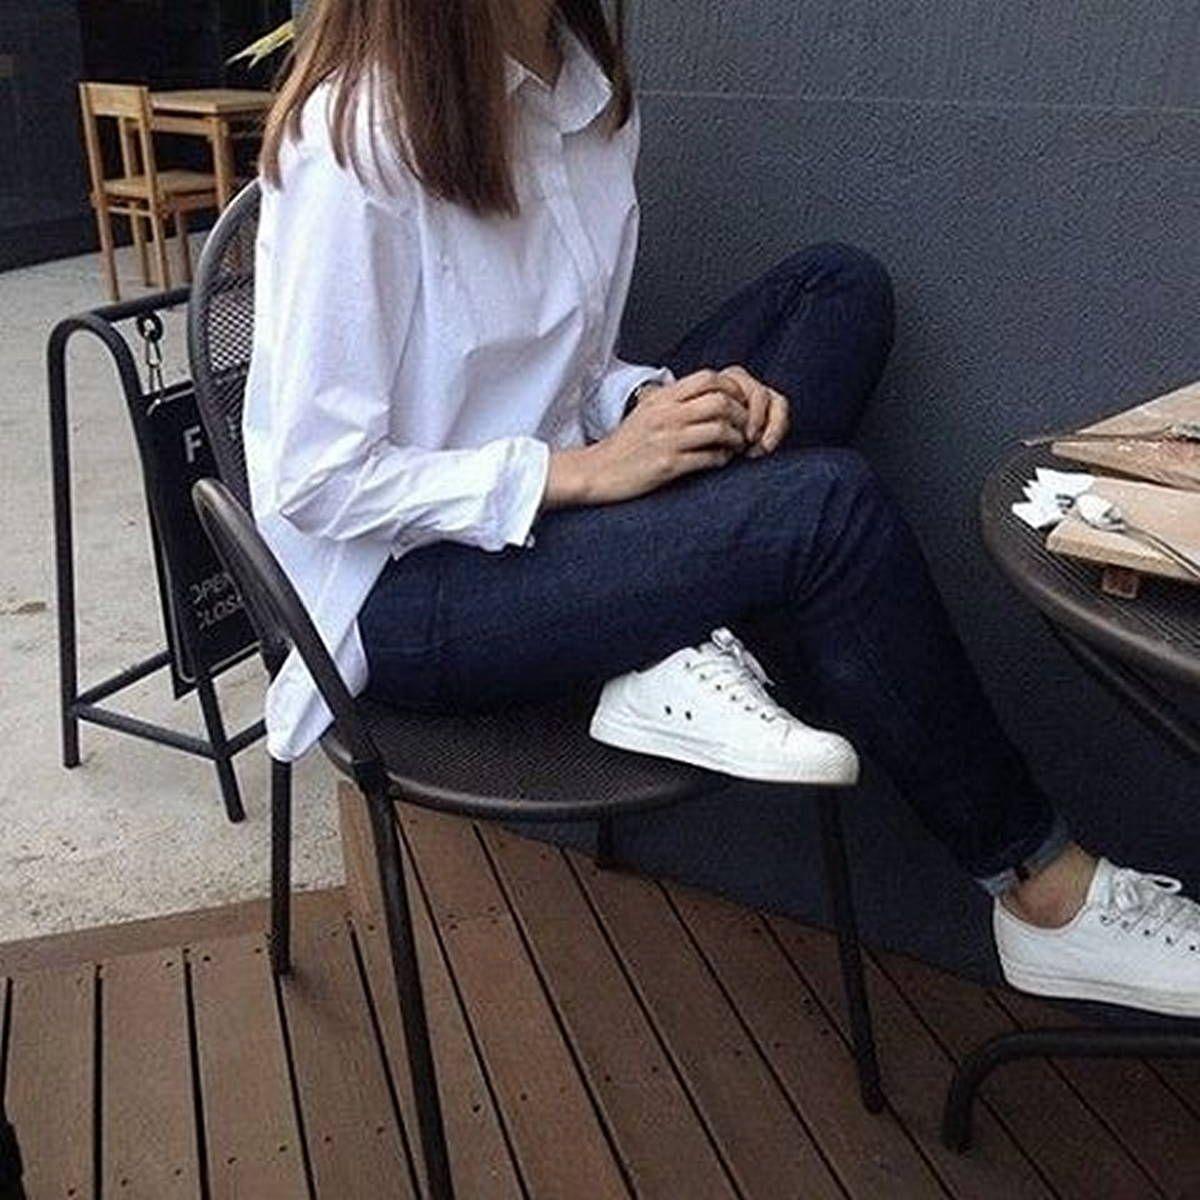 phối giày với quần tây áo sơ mi trắng